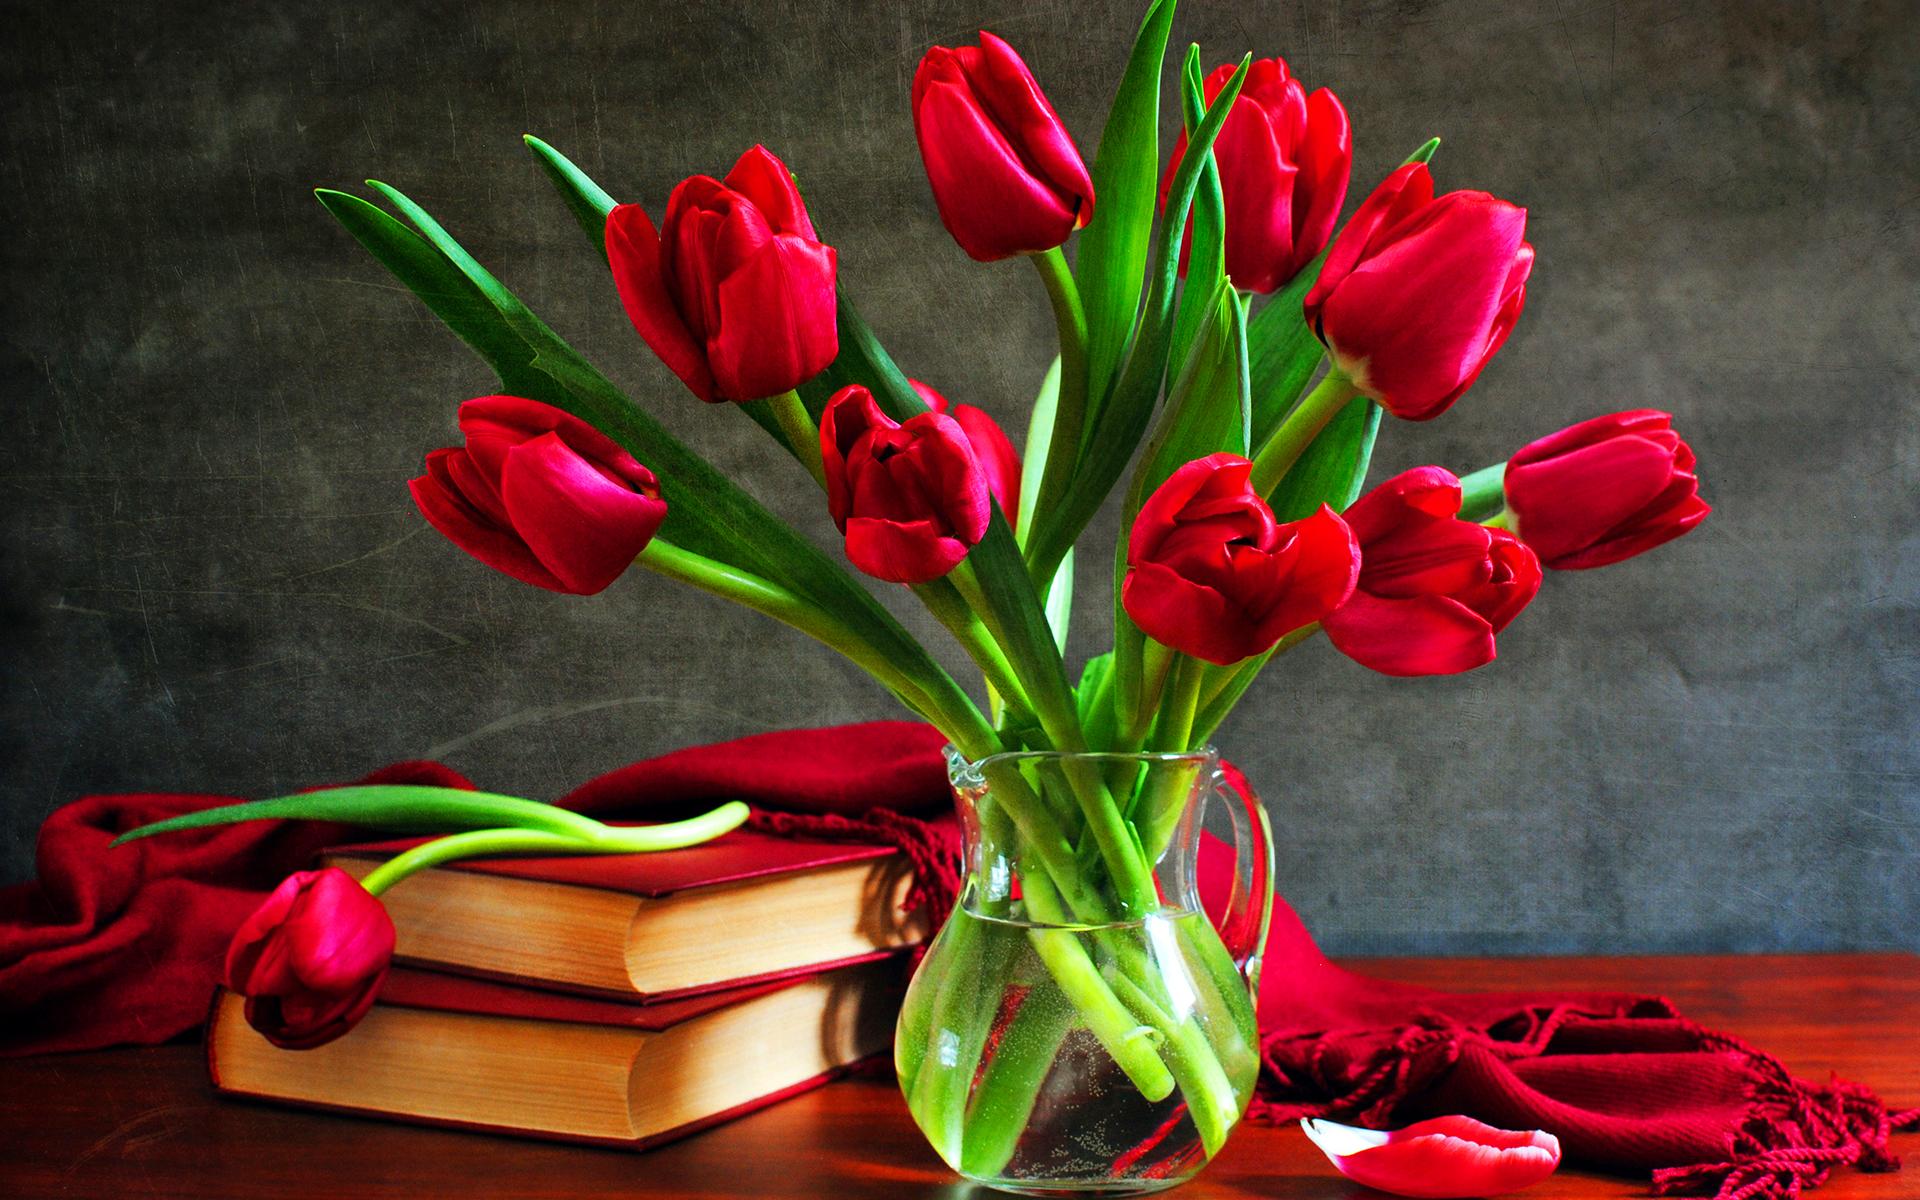 Grunge tulips books vase